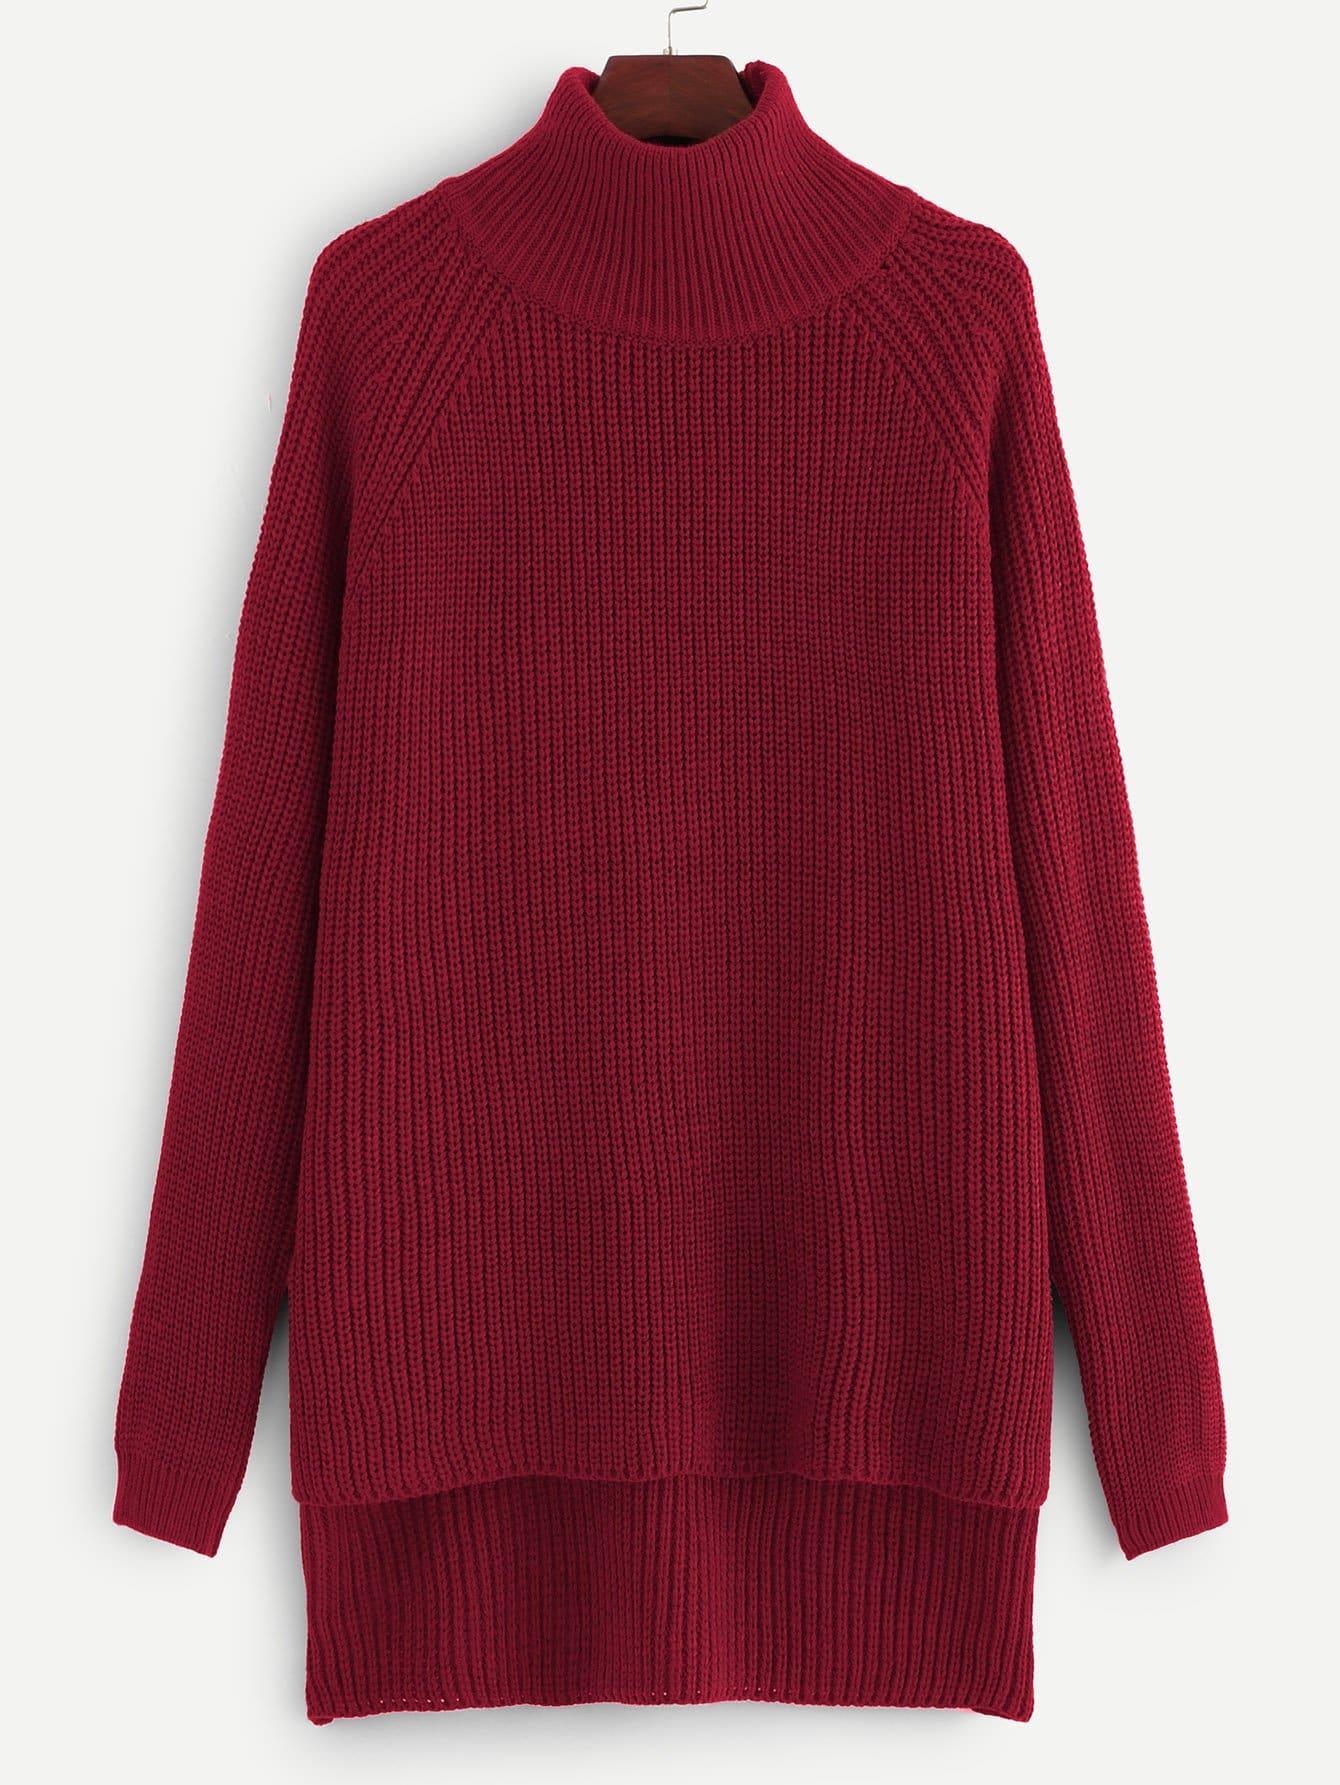 Купить Стильный свитер с асимметричным низом размера плюс, null, SheIn